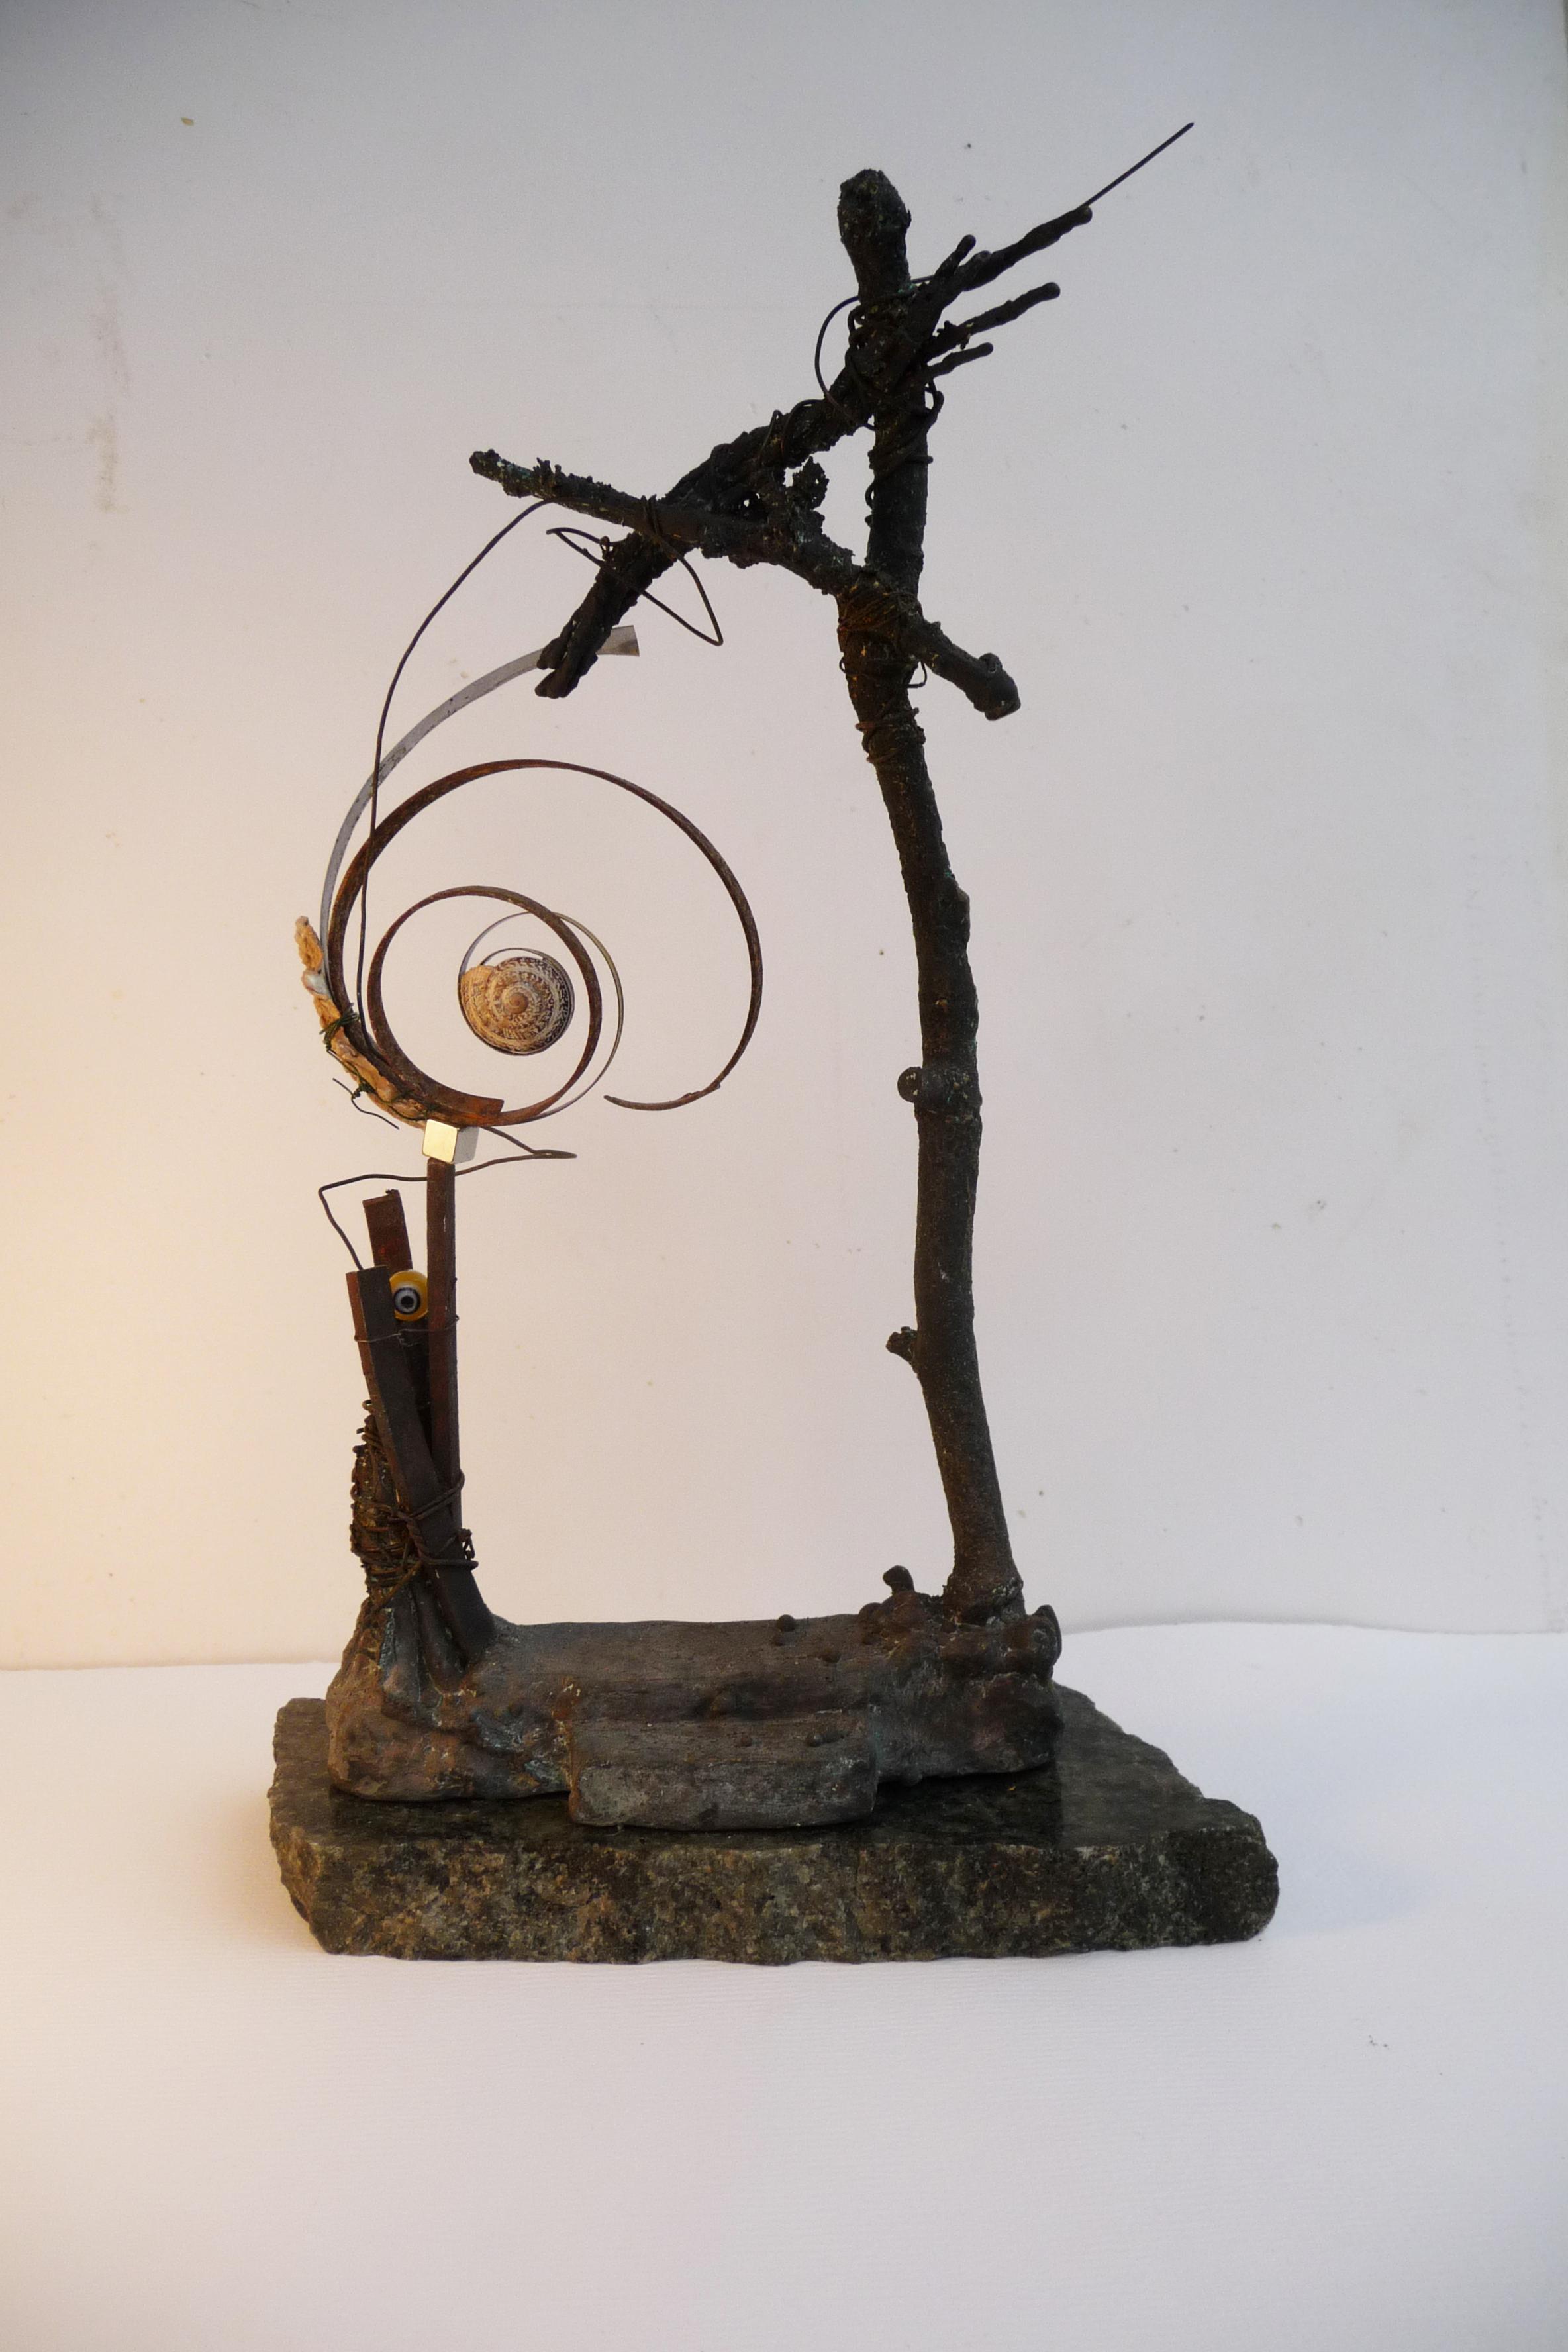 Spiral, 2013